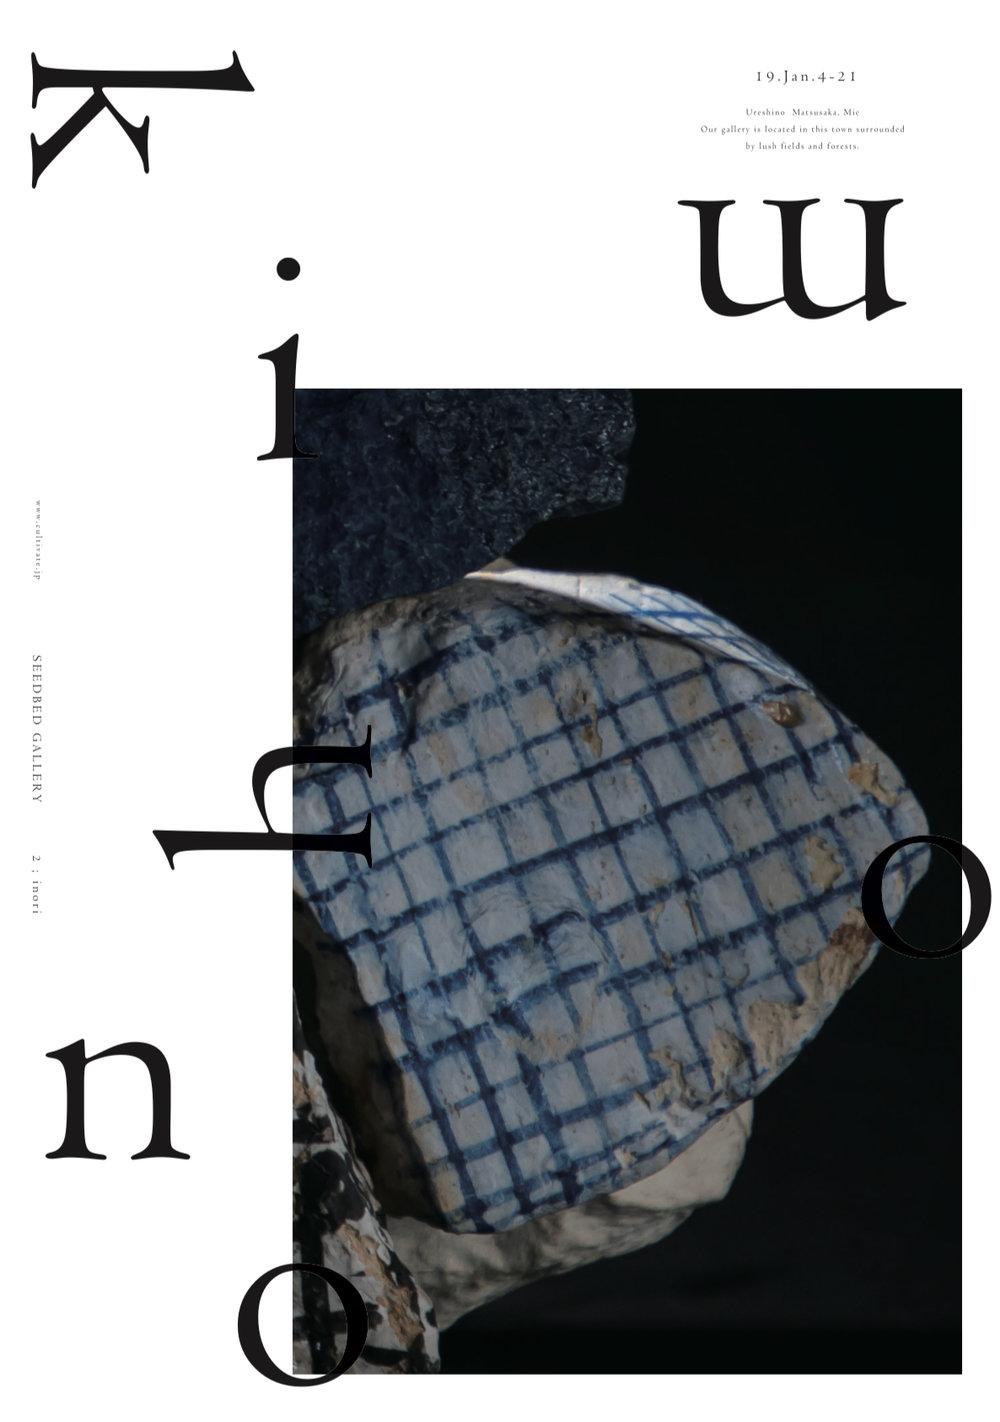 キムホノ展/2019.1.4-21